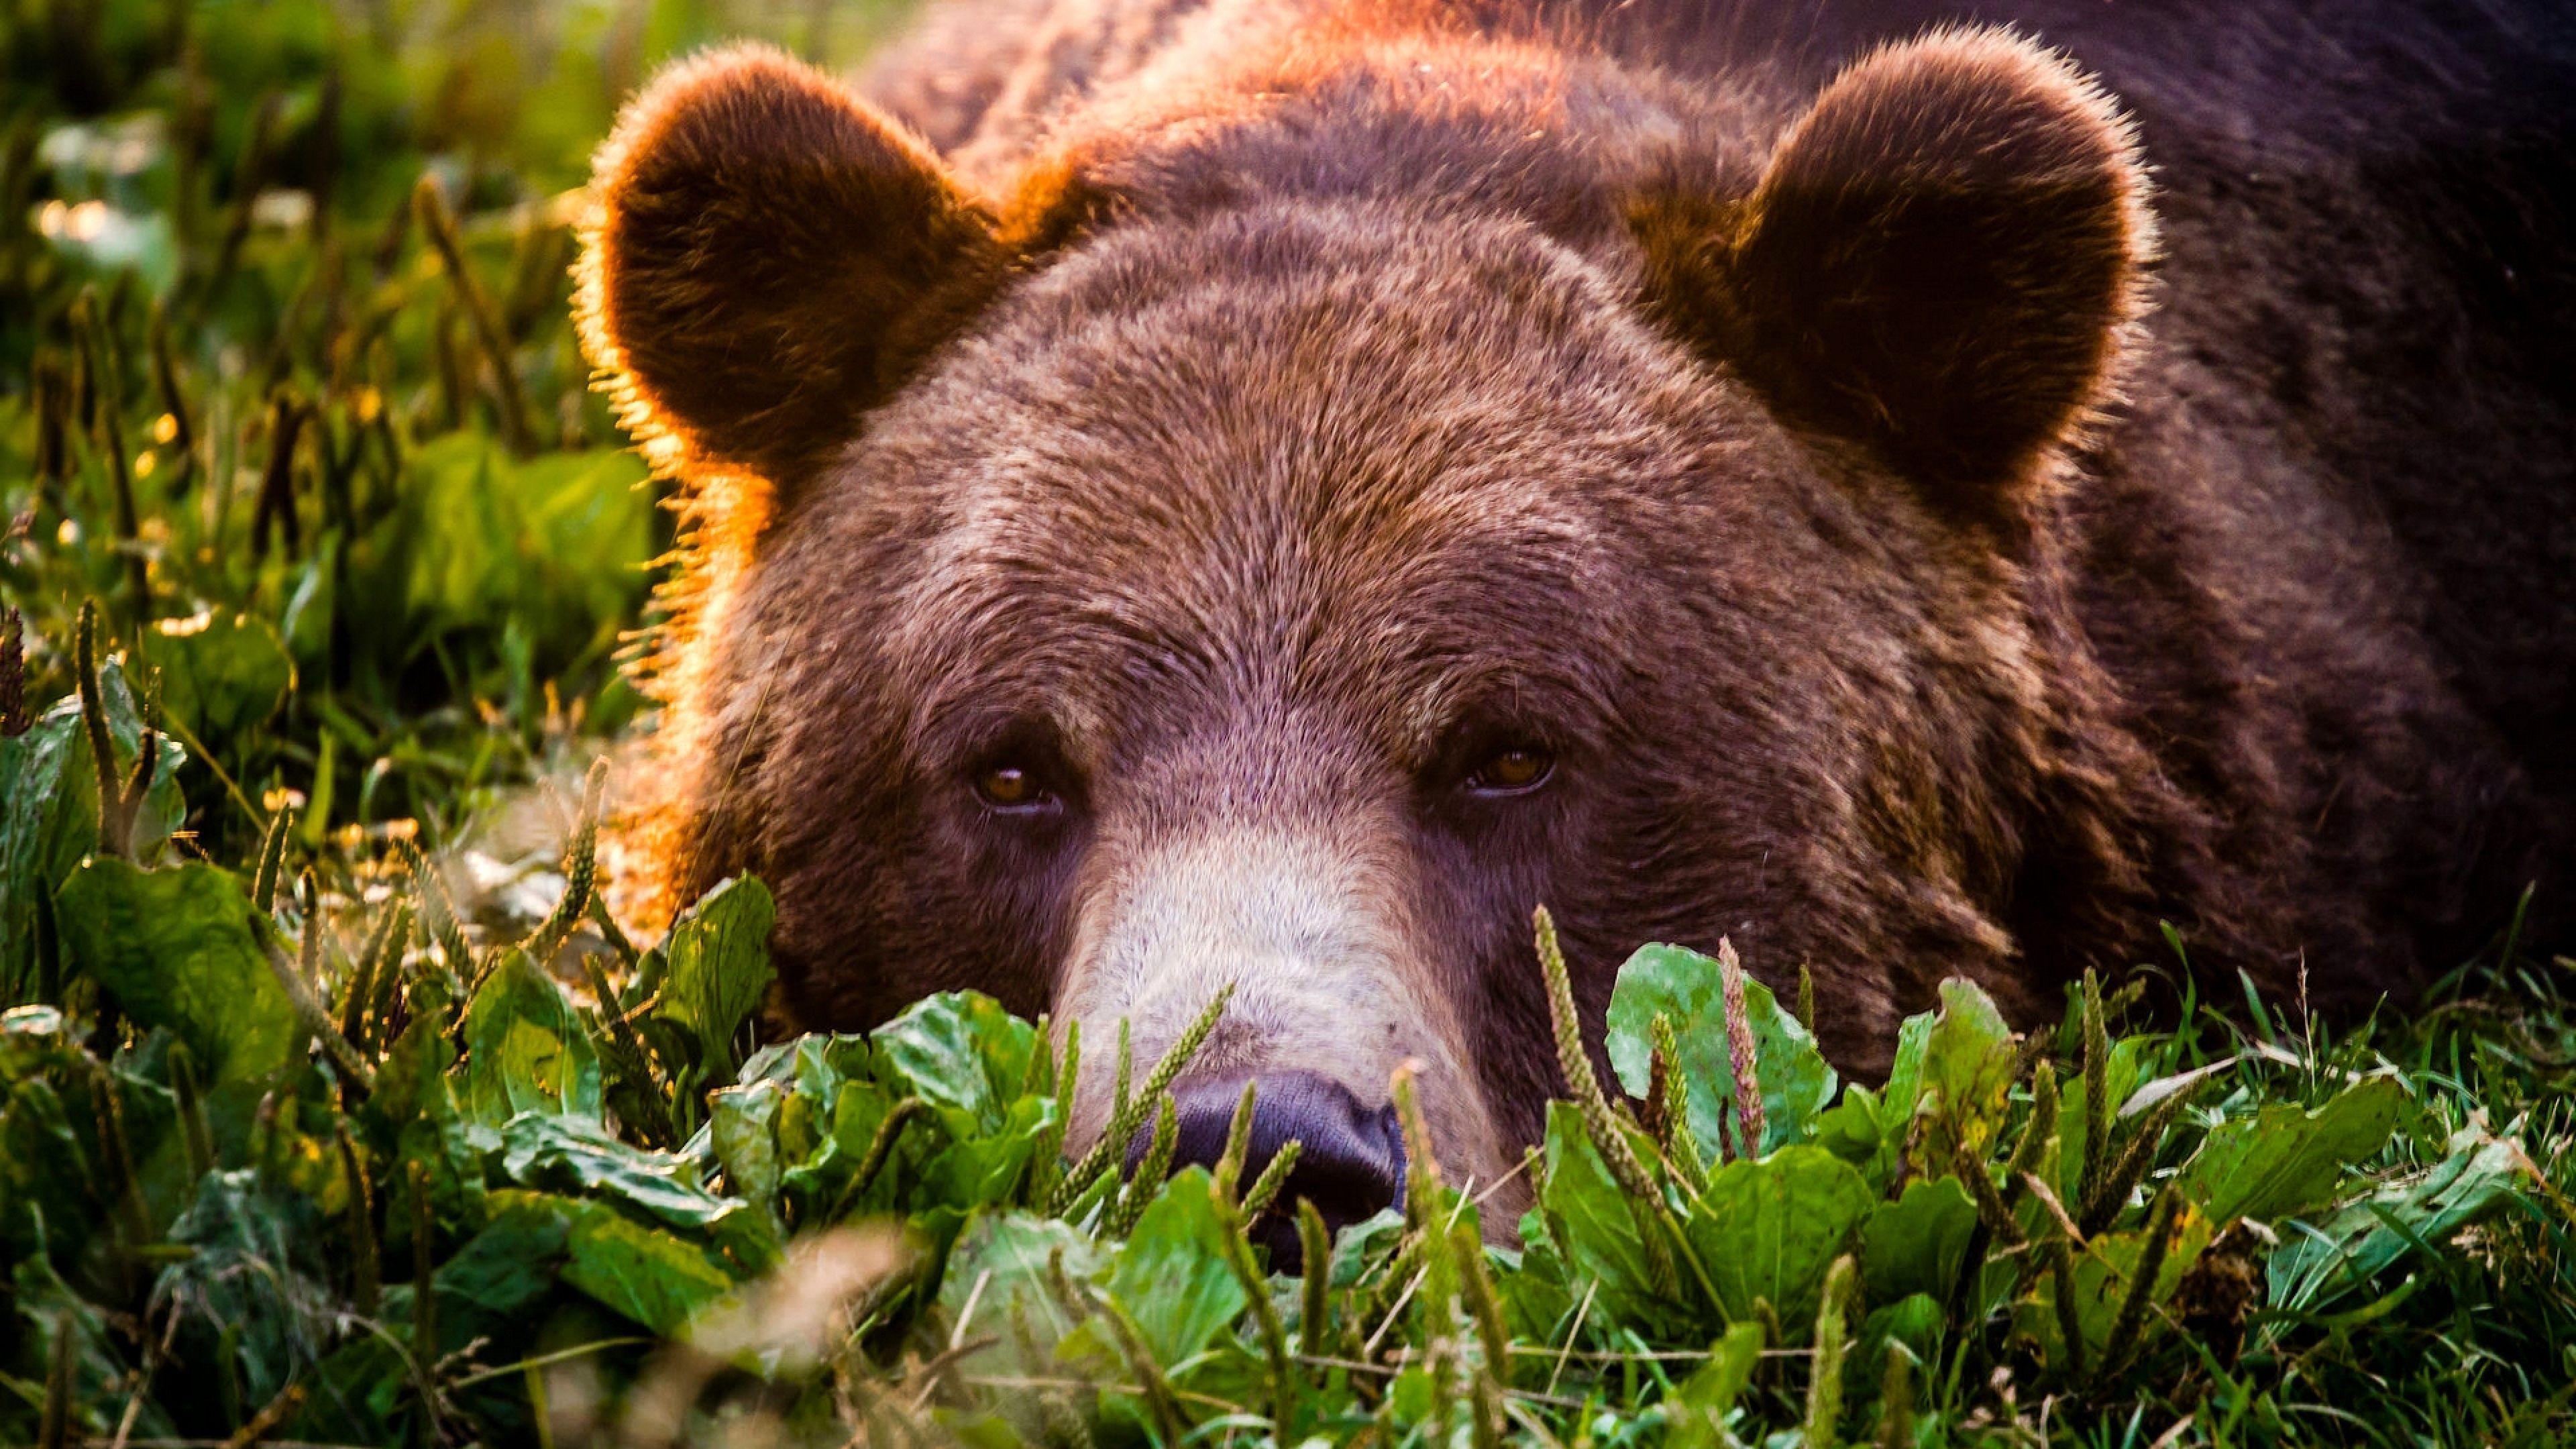 Bear Face Grizzly bear, Animals, Bear face